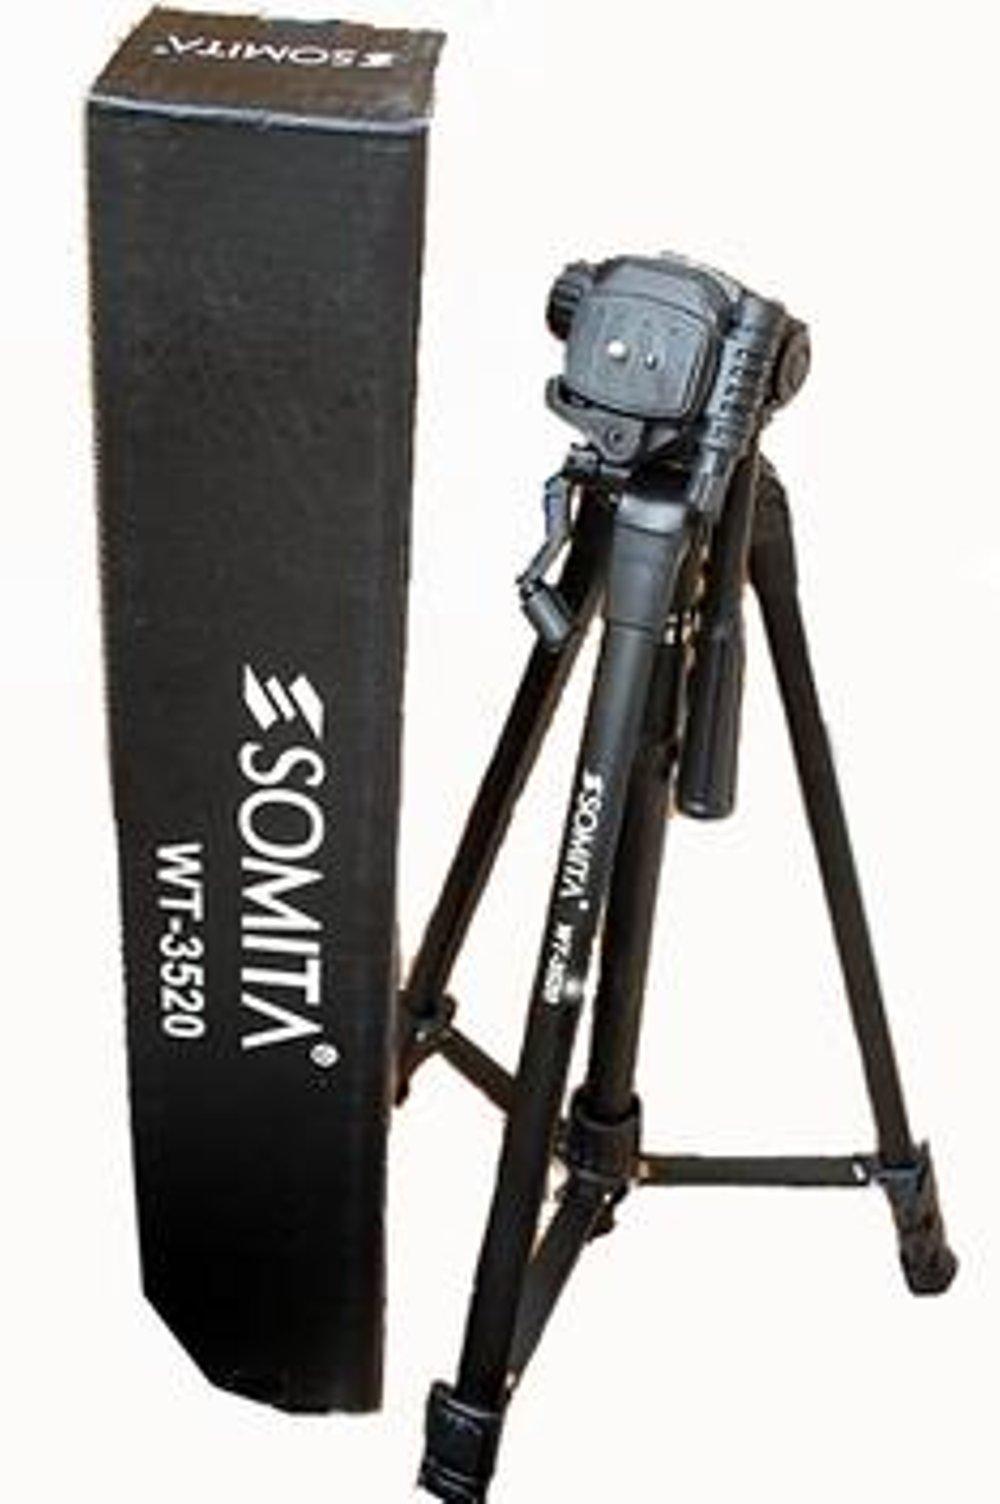 Tripod SOMITA WT-3520